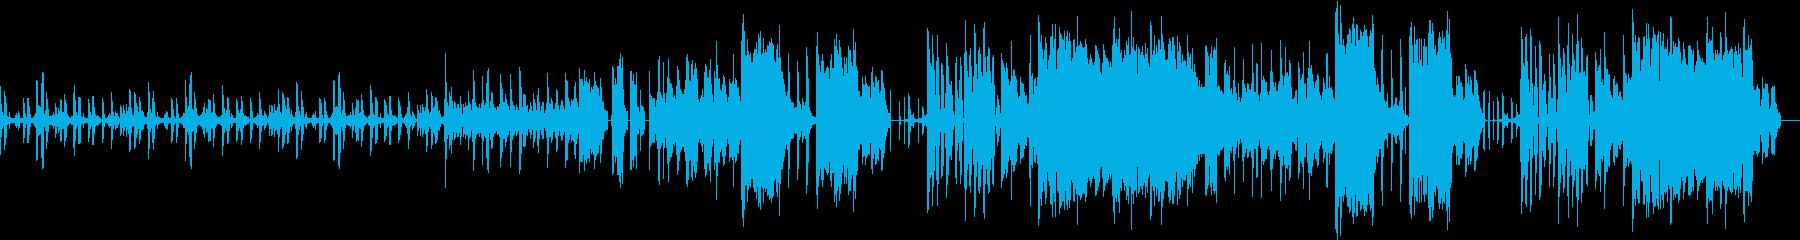 ダブステップdudstepの再生済みの波形